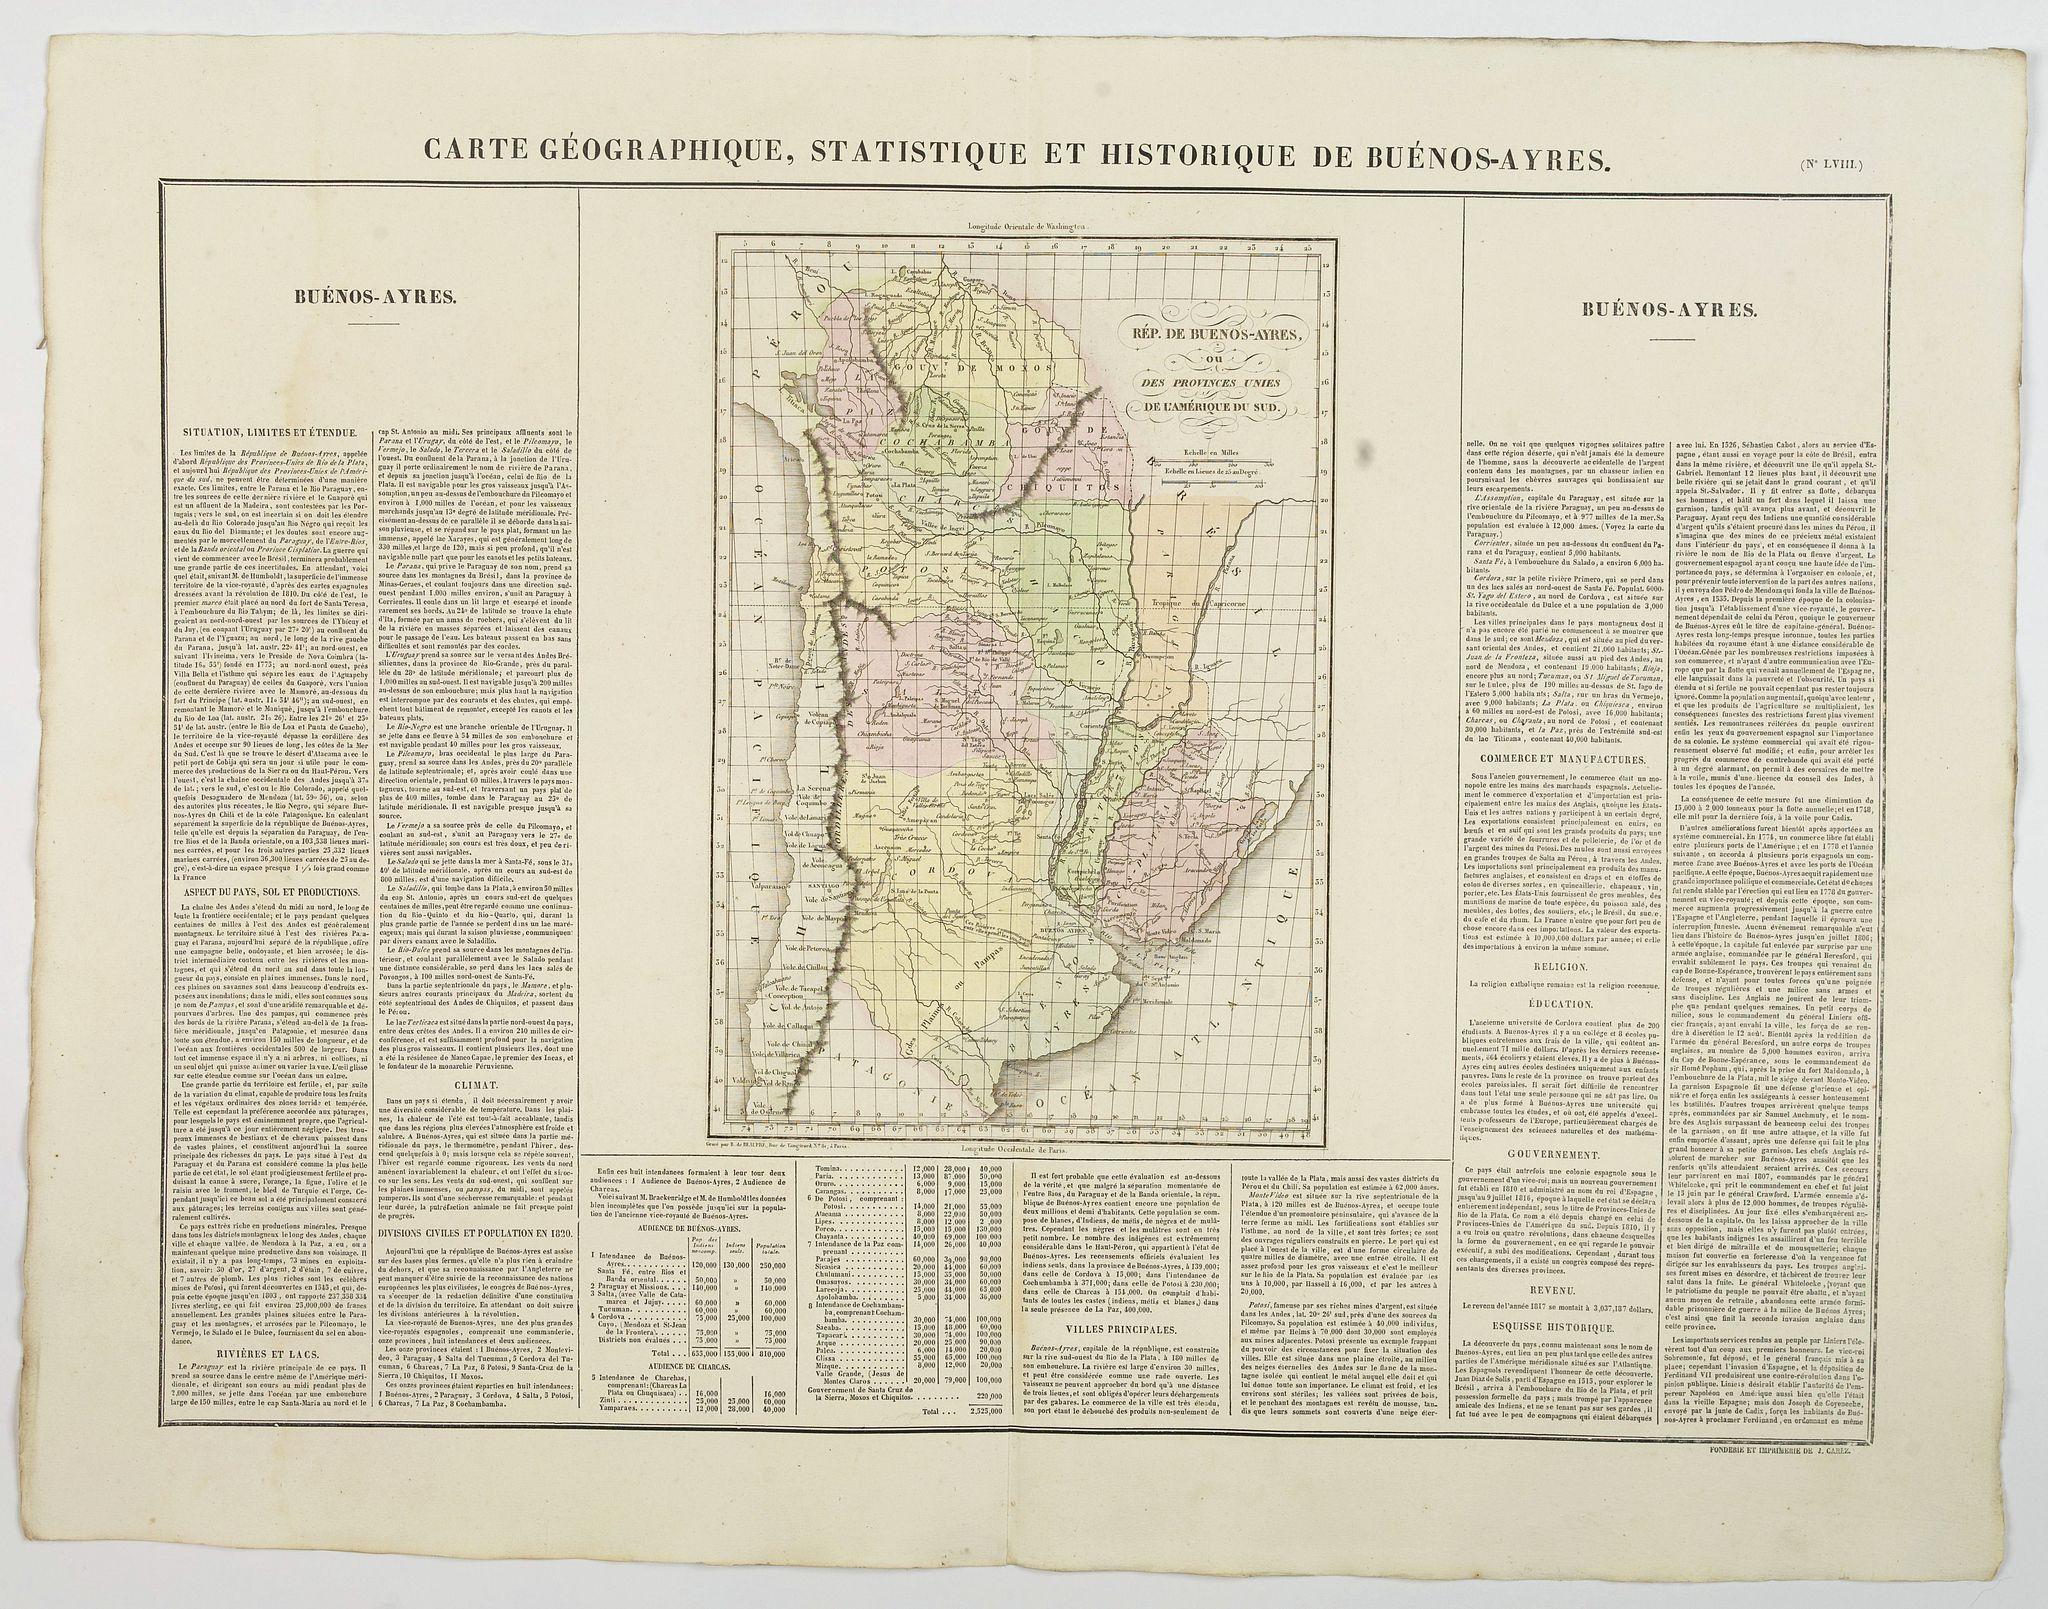 BUCHON, J.A. -  Carte Geographique, Statistique et Historique de Buenos-Ayres.